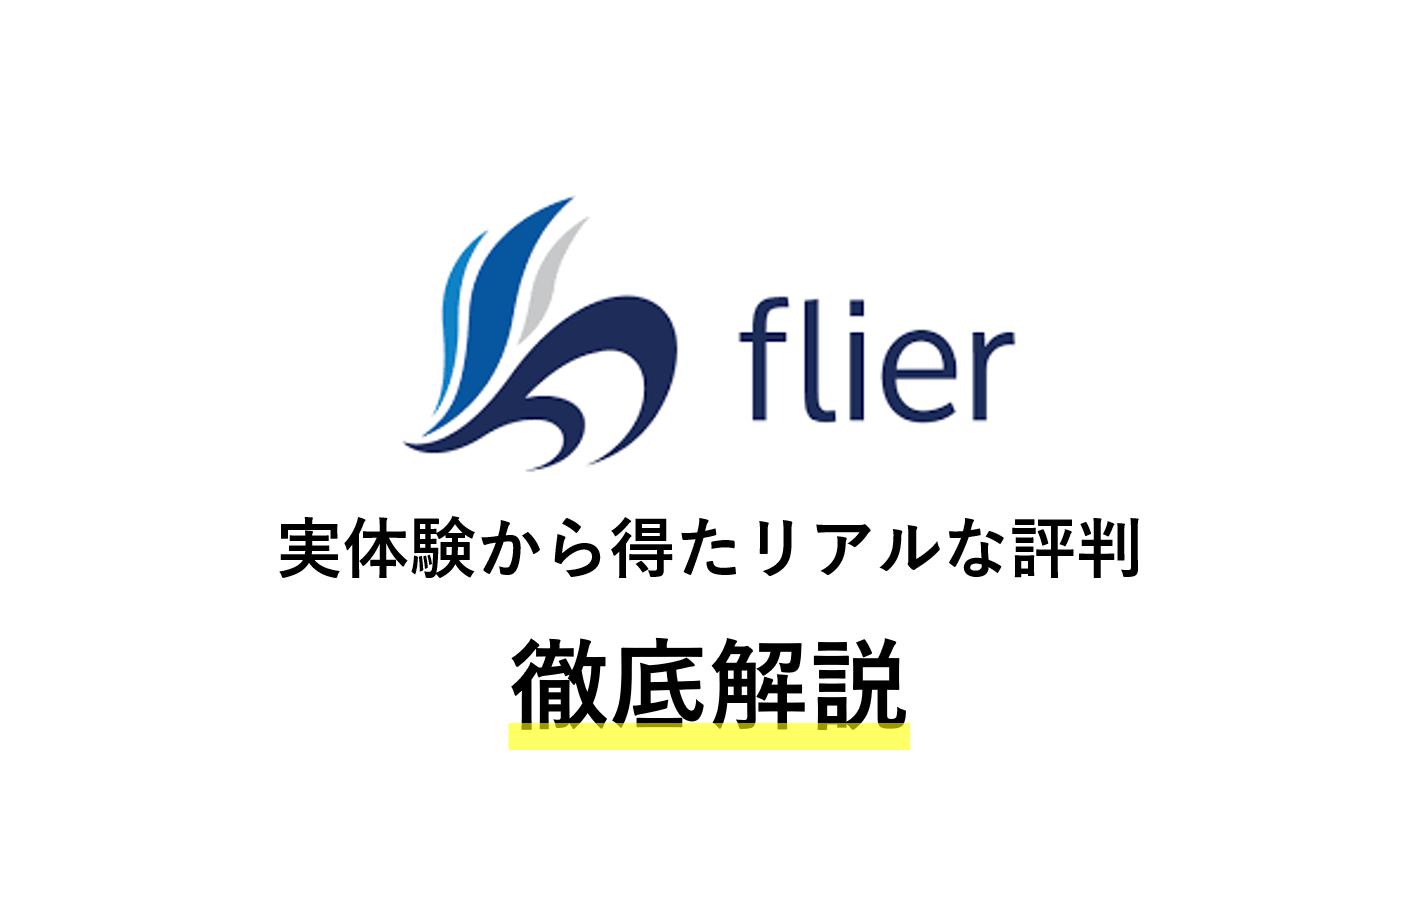 本要約サービスflierのリアルな評判・口コミ【実体験】